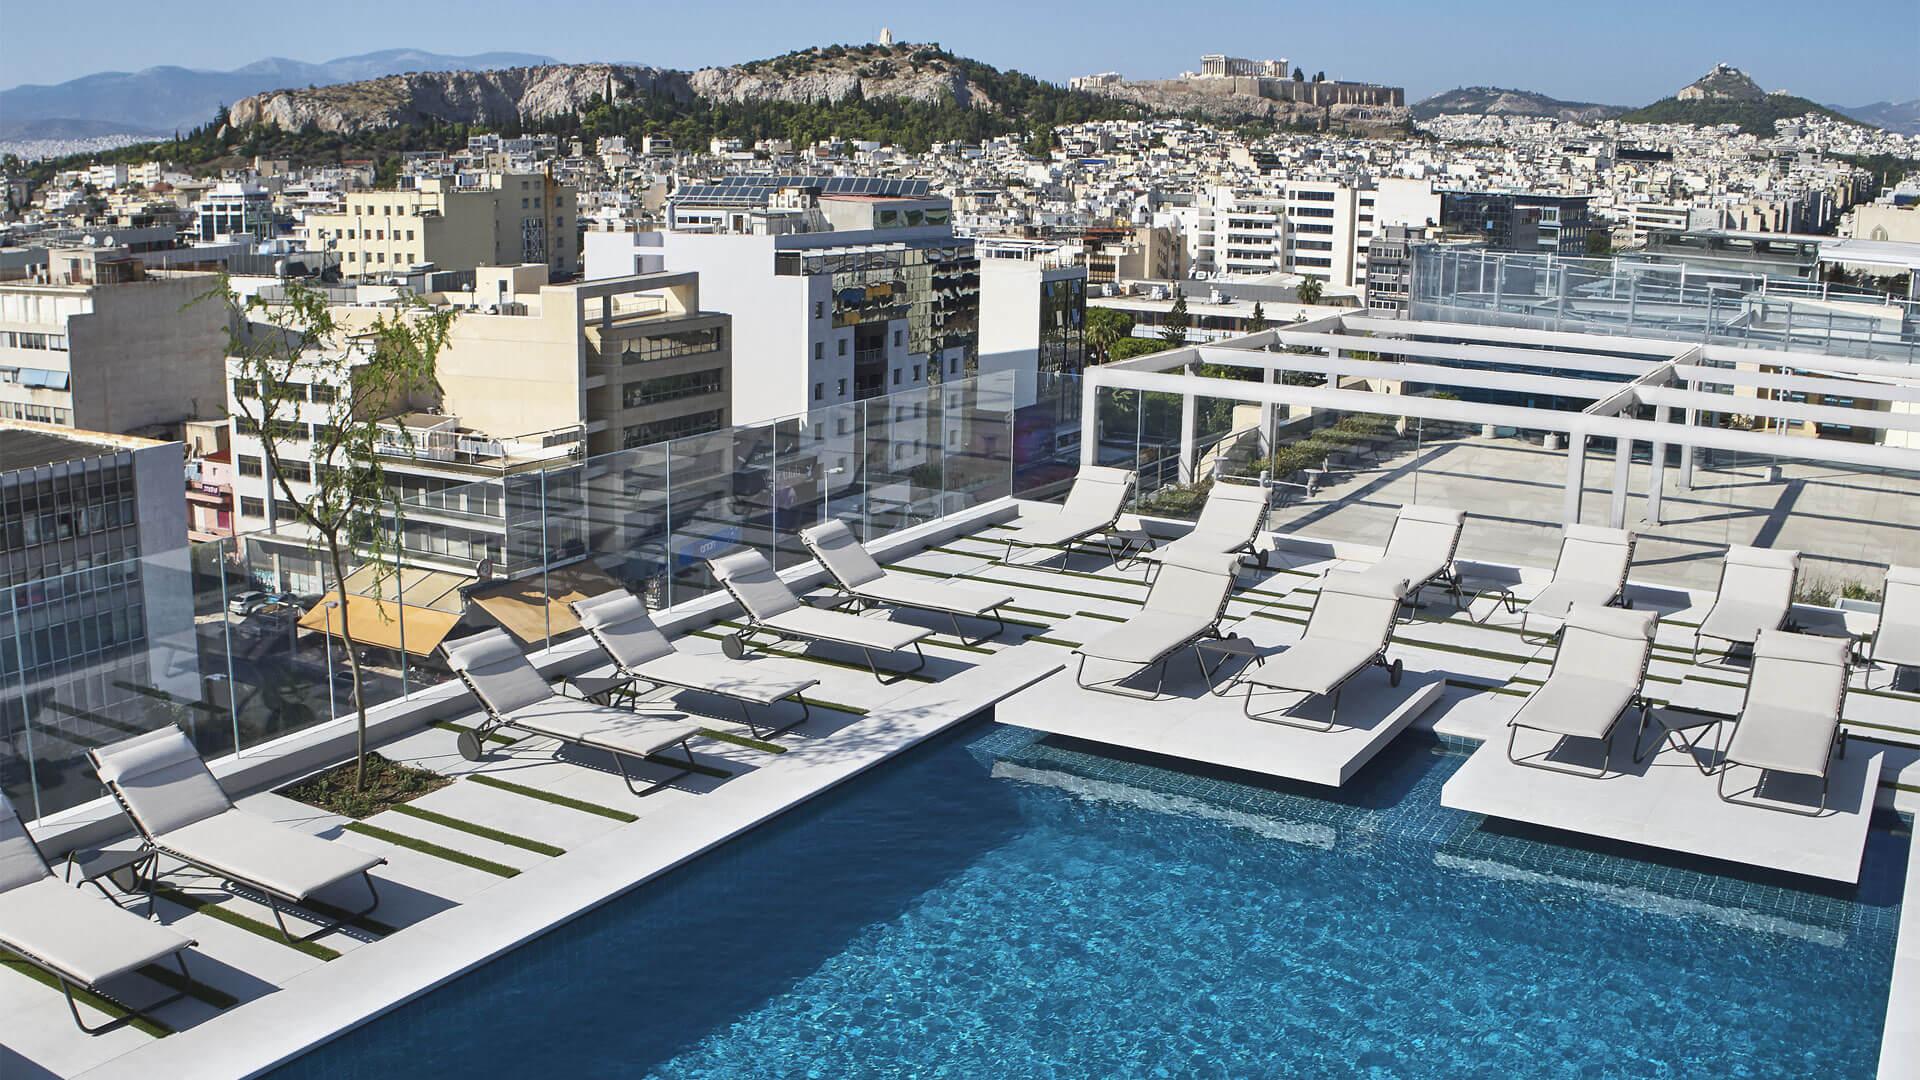 πισίνα ξενοδοχείου στην ταράτσα